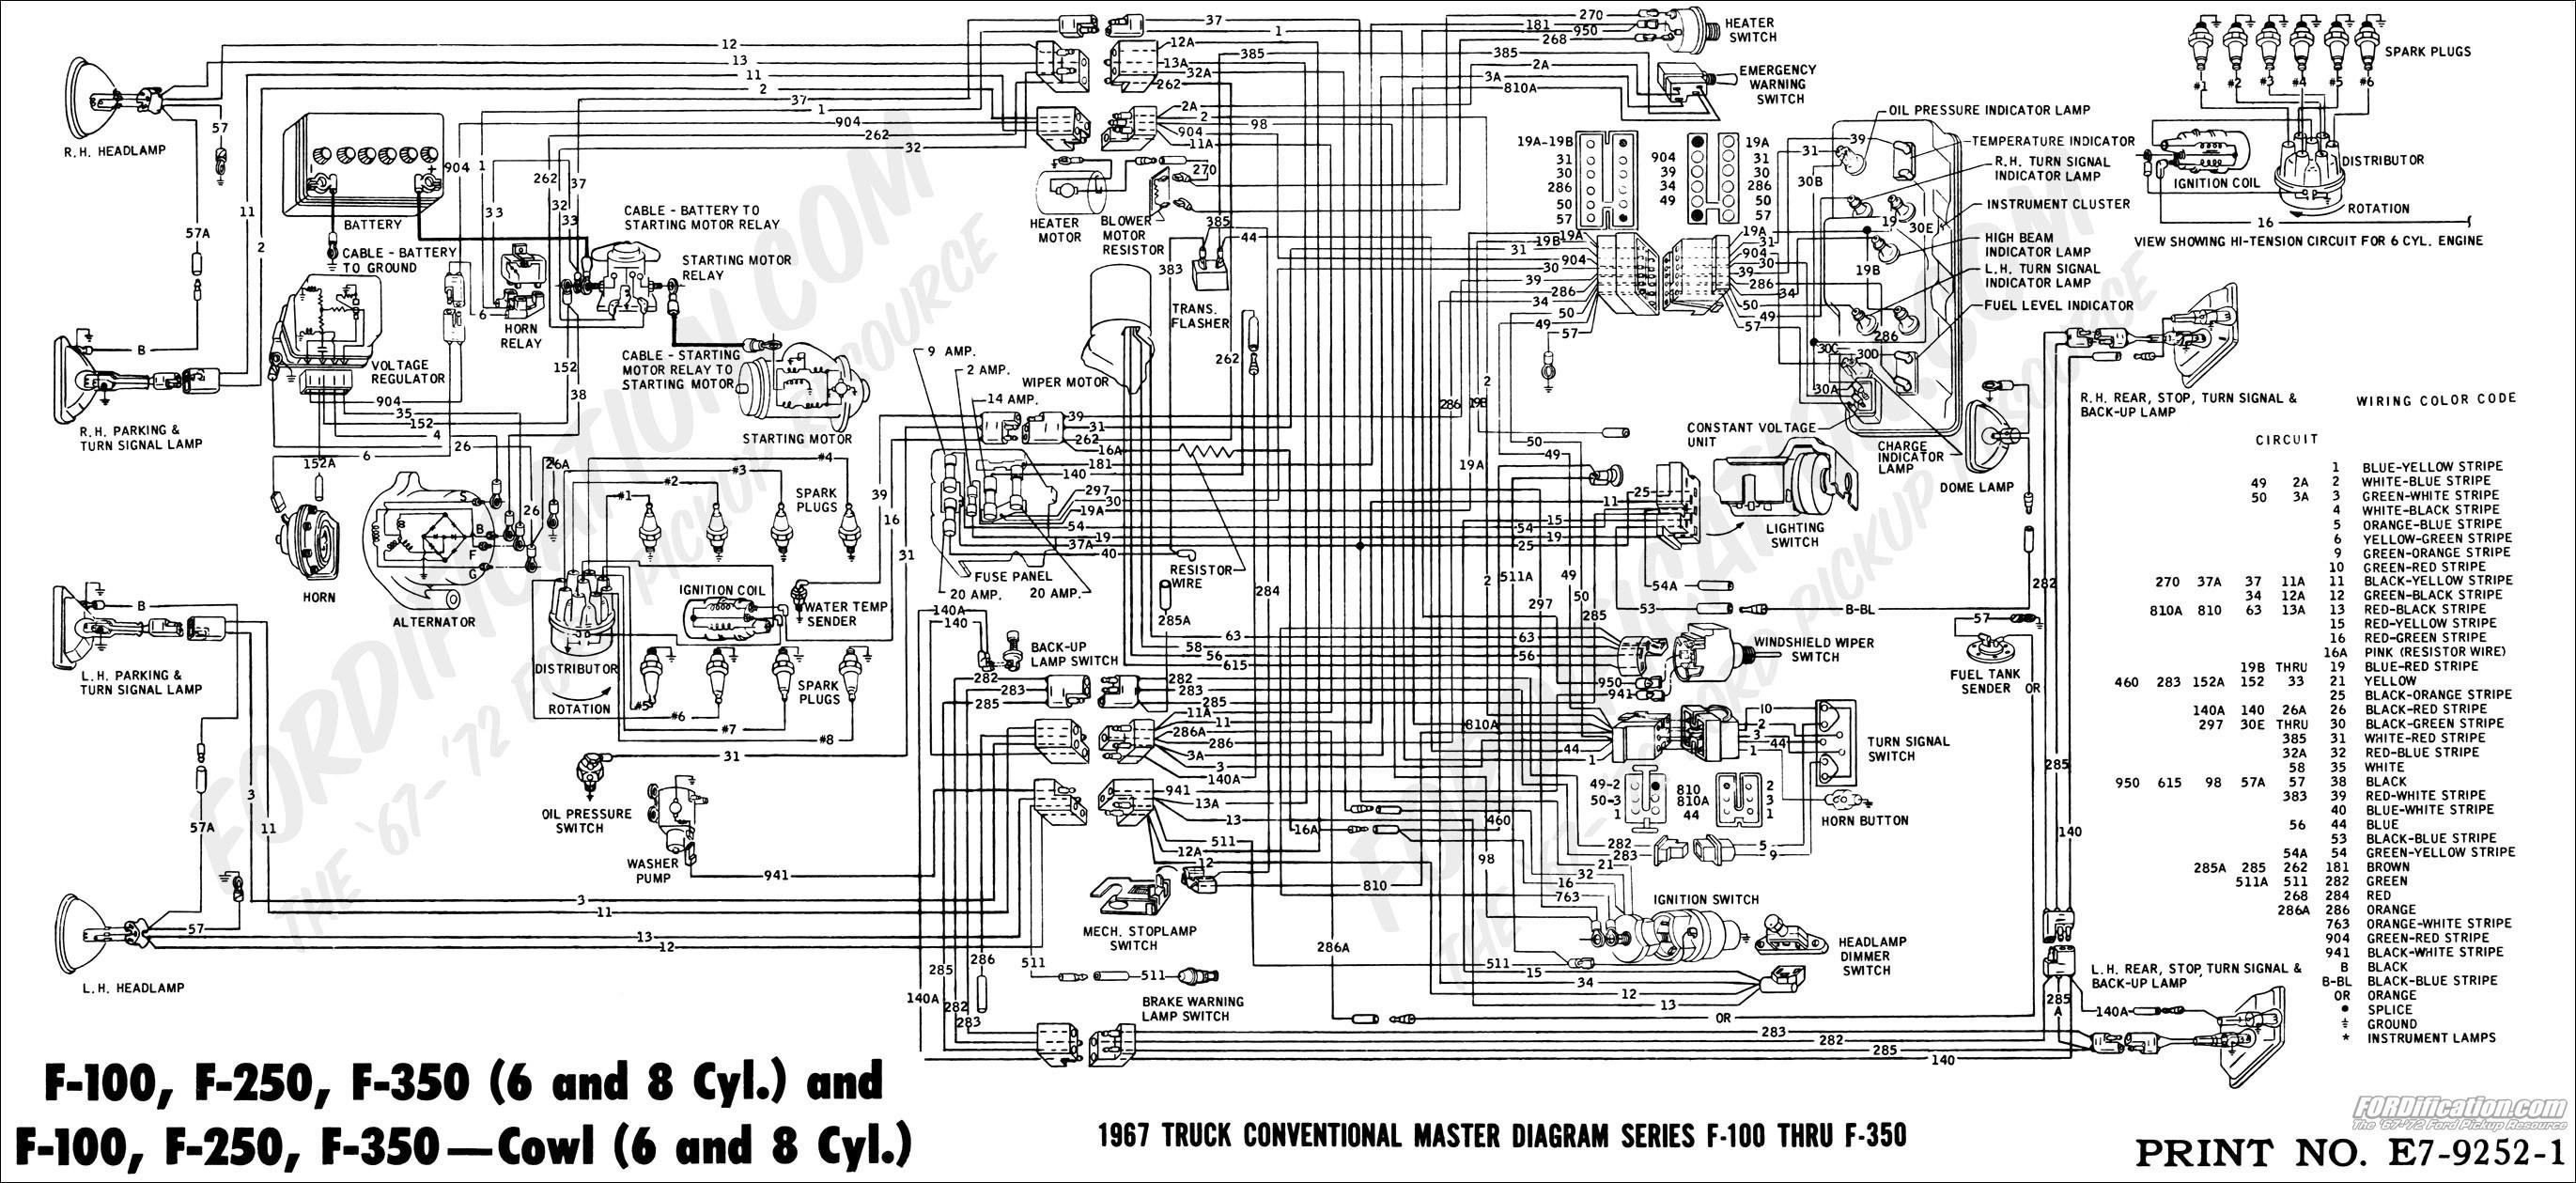 2002 ford explorer v8 engine diagram 1988 ford f 150 5 8 engine diagram  worksheet and